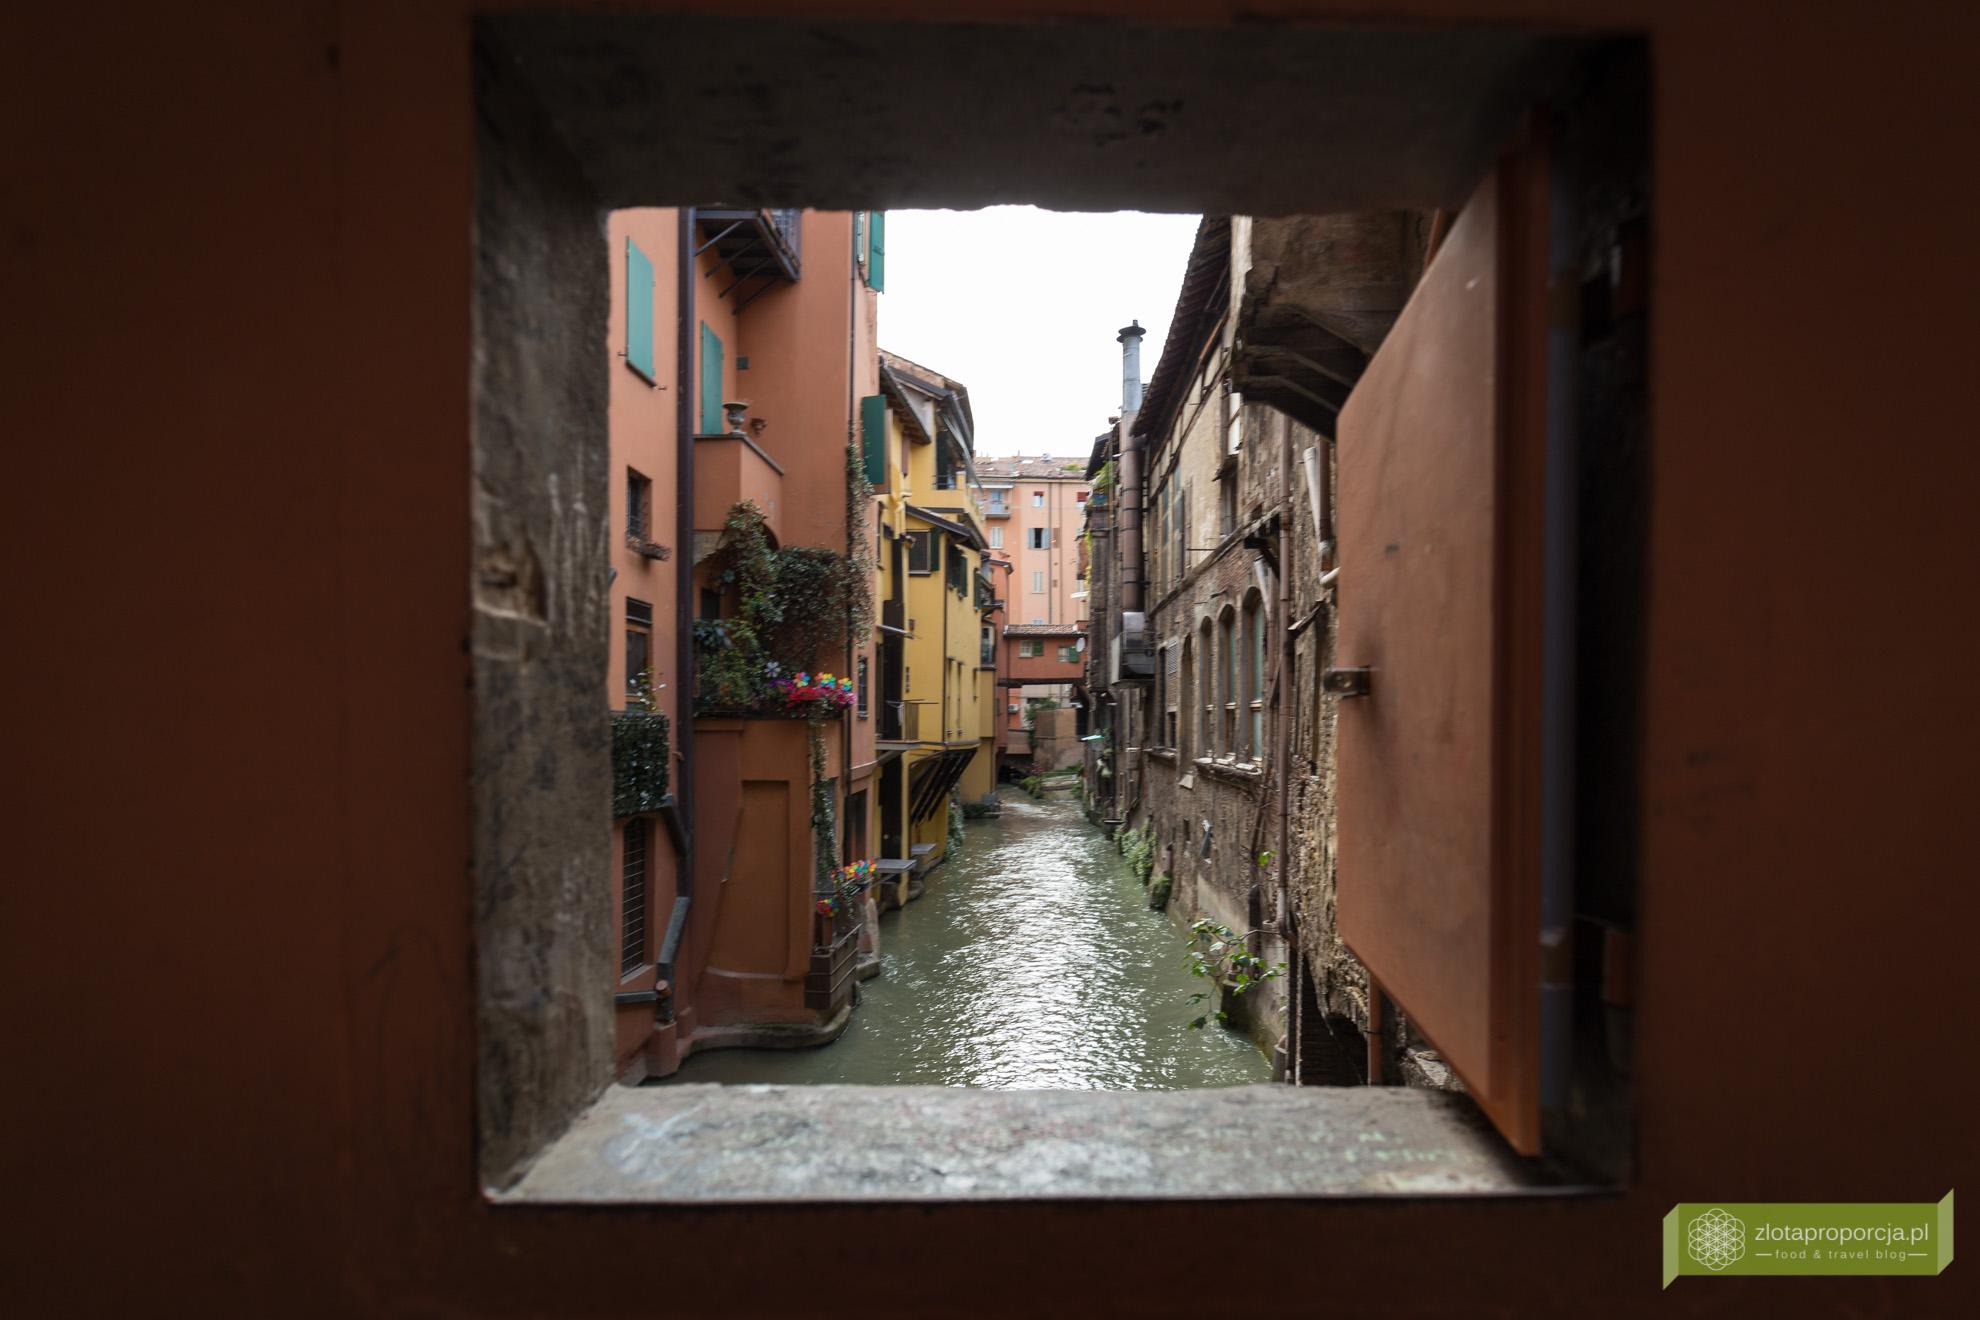 Bolonia, atrakcje Bolonii, zwiedzanie Bolonii, sekrety Bolonii, siedem sekretów Bolonii, Wenecja w Bolonii, kanały w Bolonii, Emilia Romania,